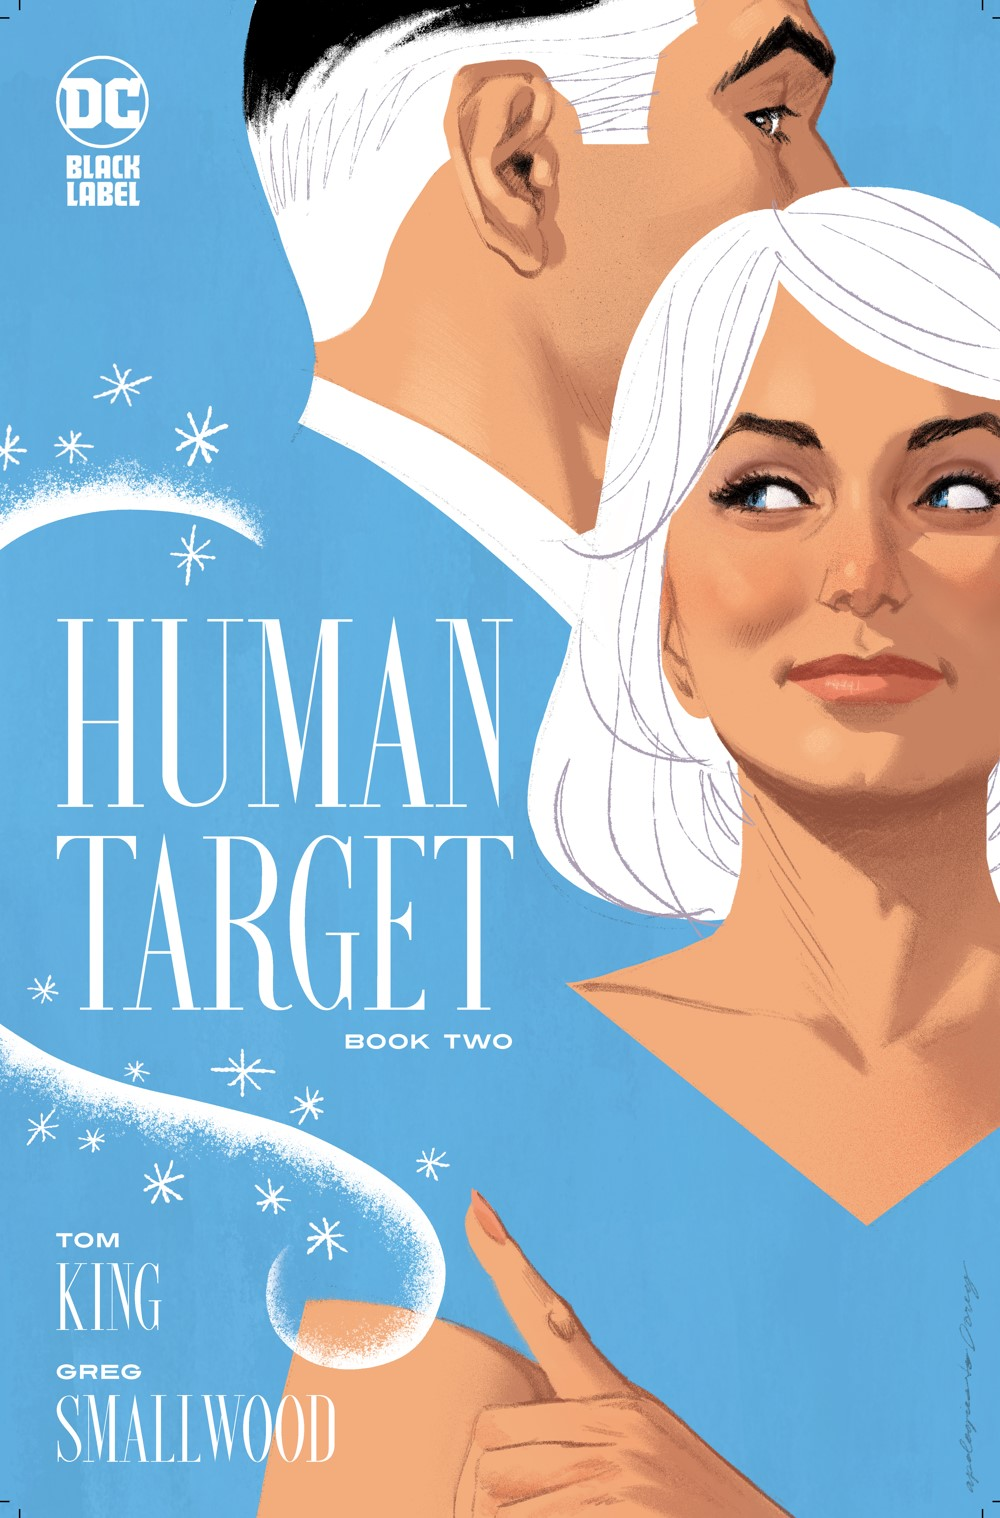 HUMAN-TARGET-Cv2 DC Comics November 2021 Solicitations